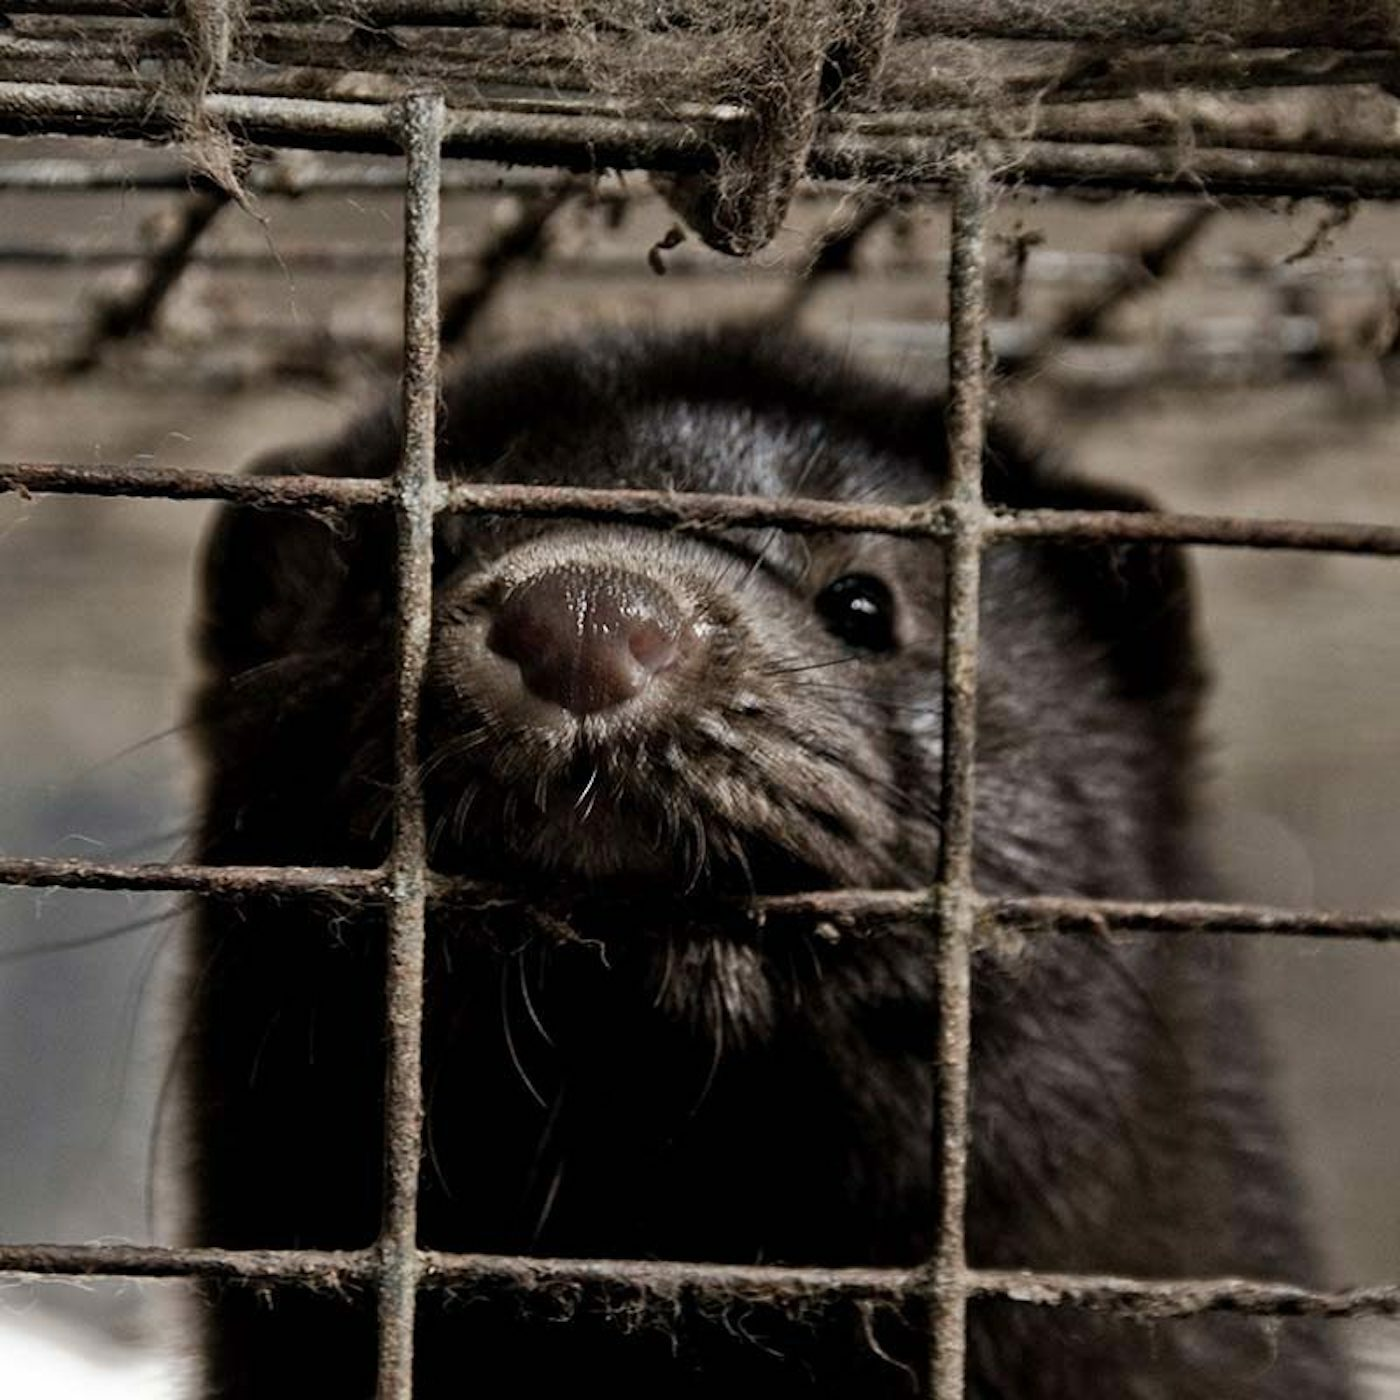 UNA SEGUNDA INVESTIGACIÓN SOBRE UNA GRANJA DE VISONES REVELA QUE LOS ANIMALES LANGUIDECEN DE DOLOR